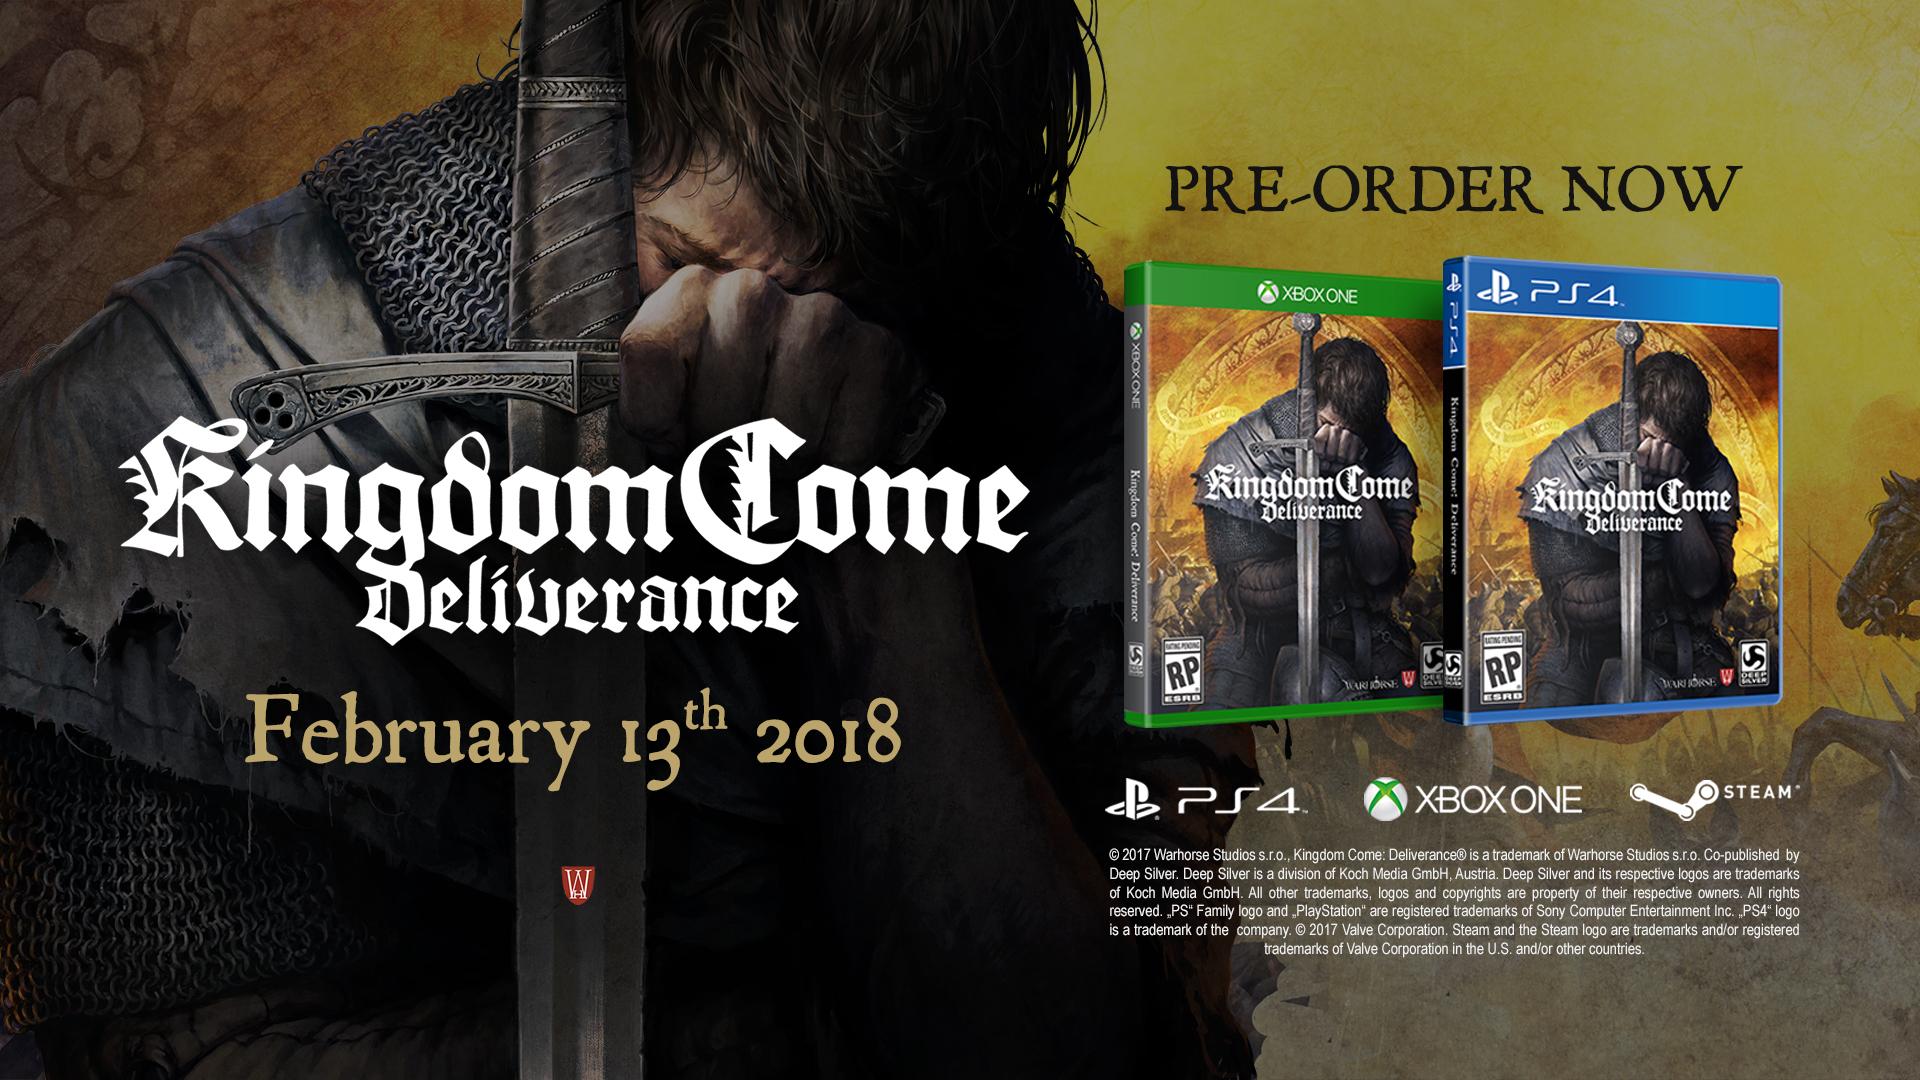 Feb 1, 2018 Kingdom Come: Deliverance - HUGE Contest